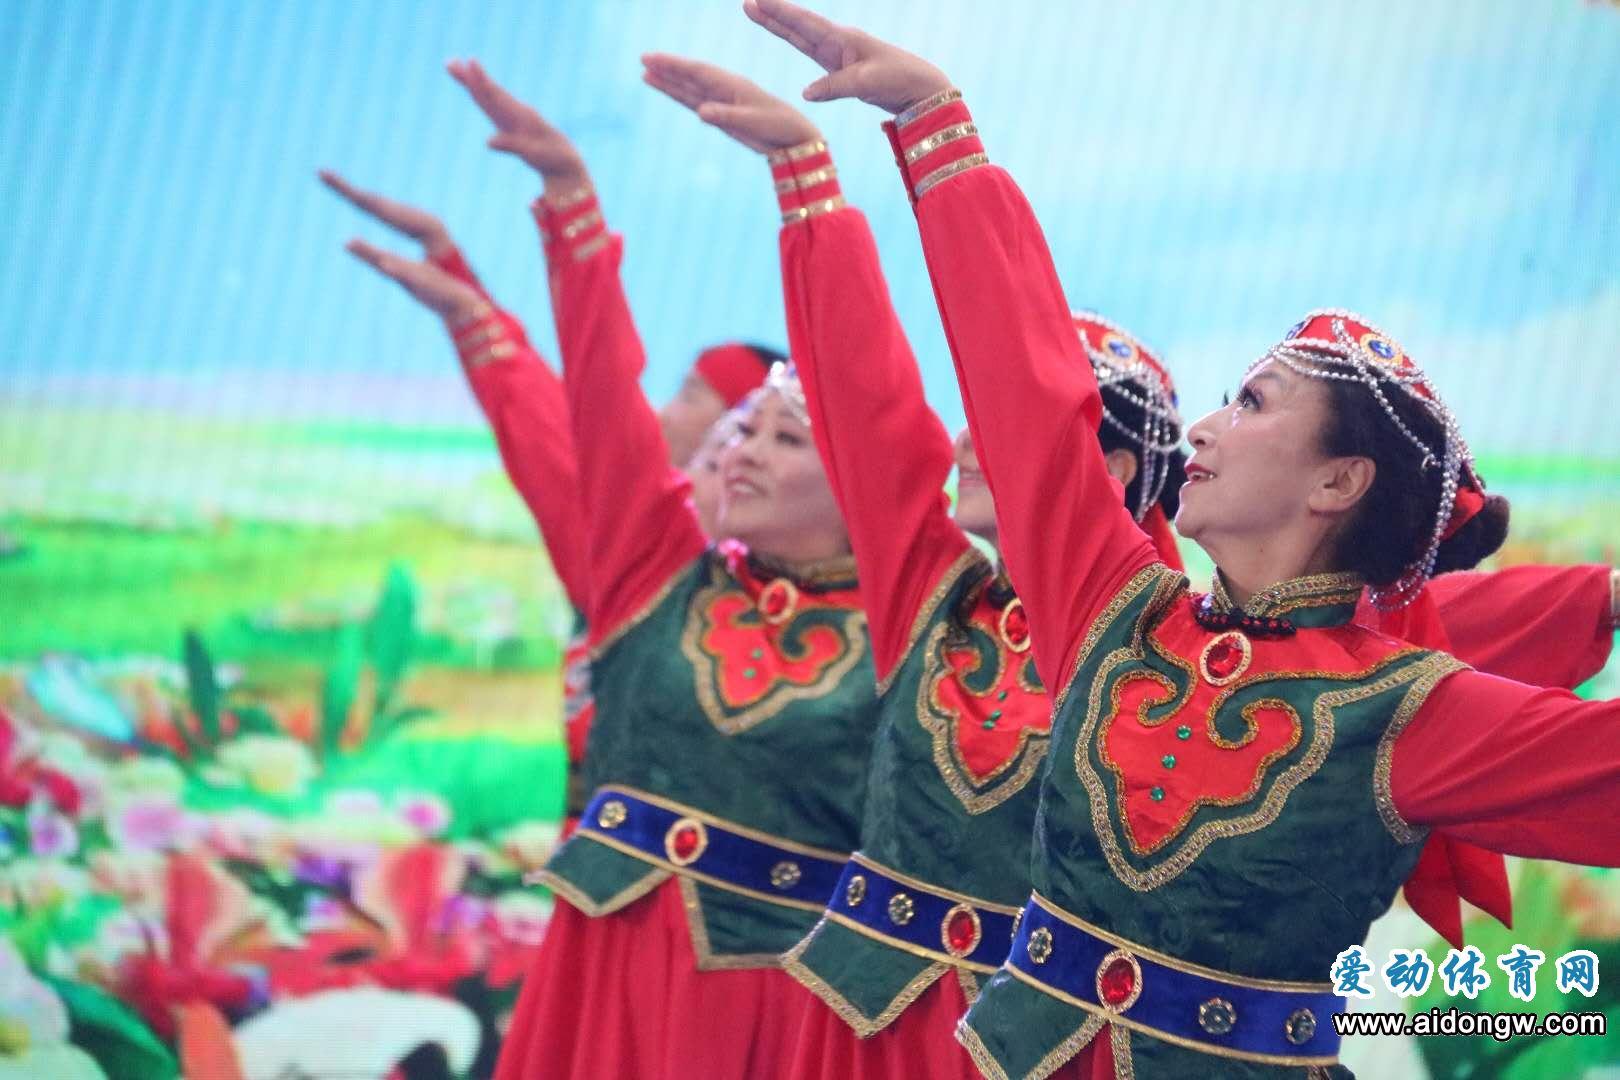 【视频】2017全国广场舞大赛总决赛自选套路比赛(海南·陵水)